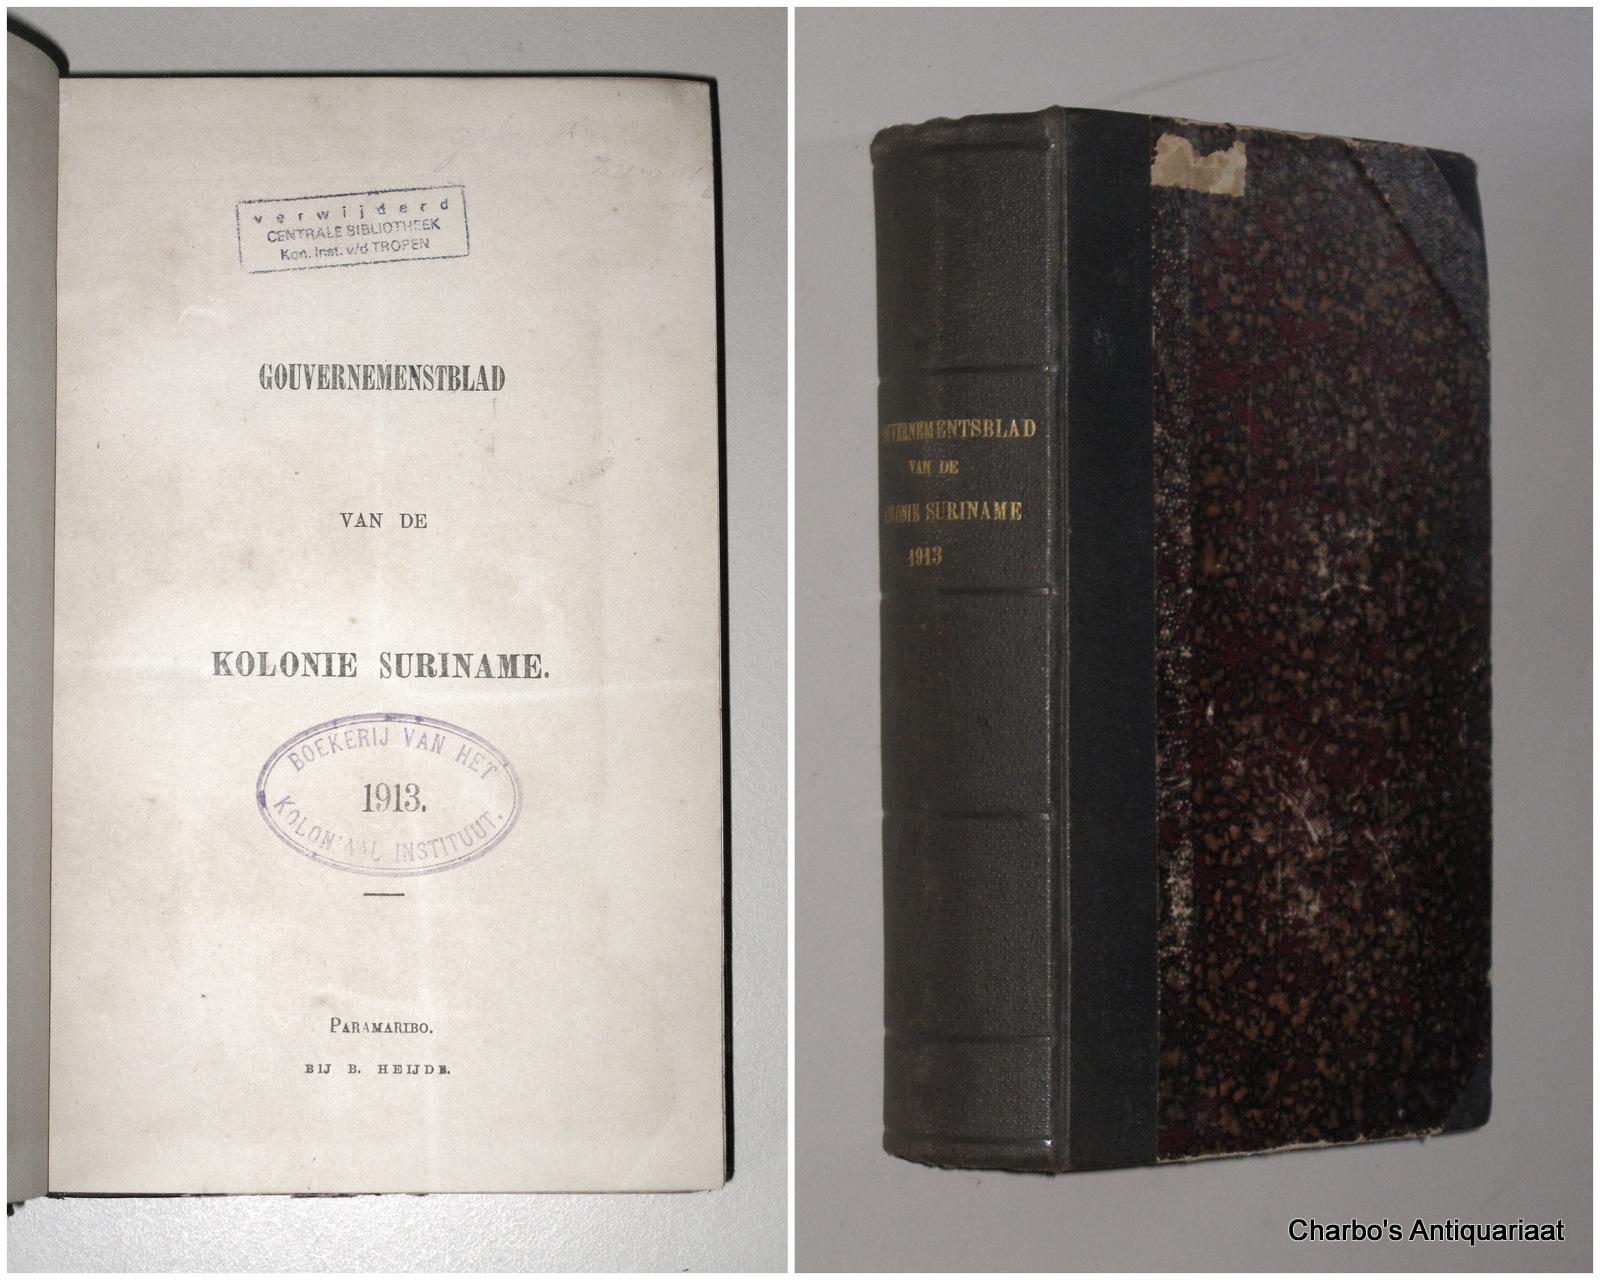 SURINAME. -  Gouvernementsblad van de Kolonie Suriname 1913.